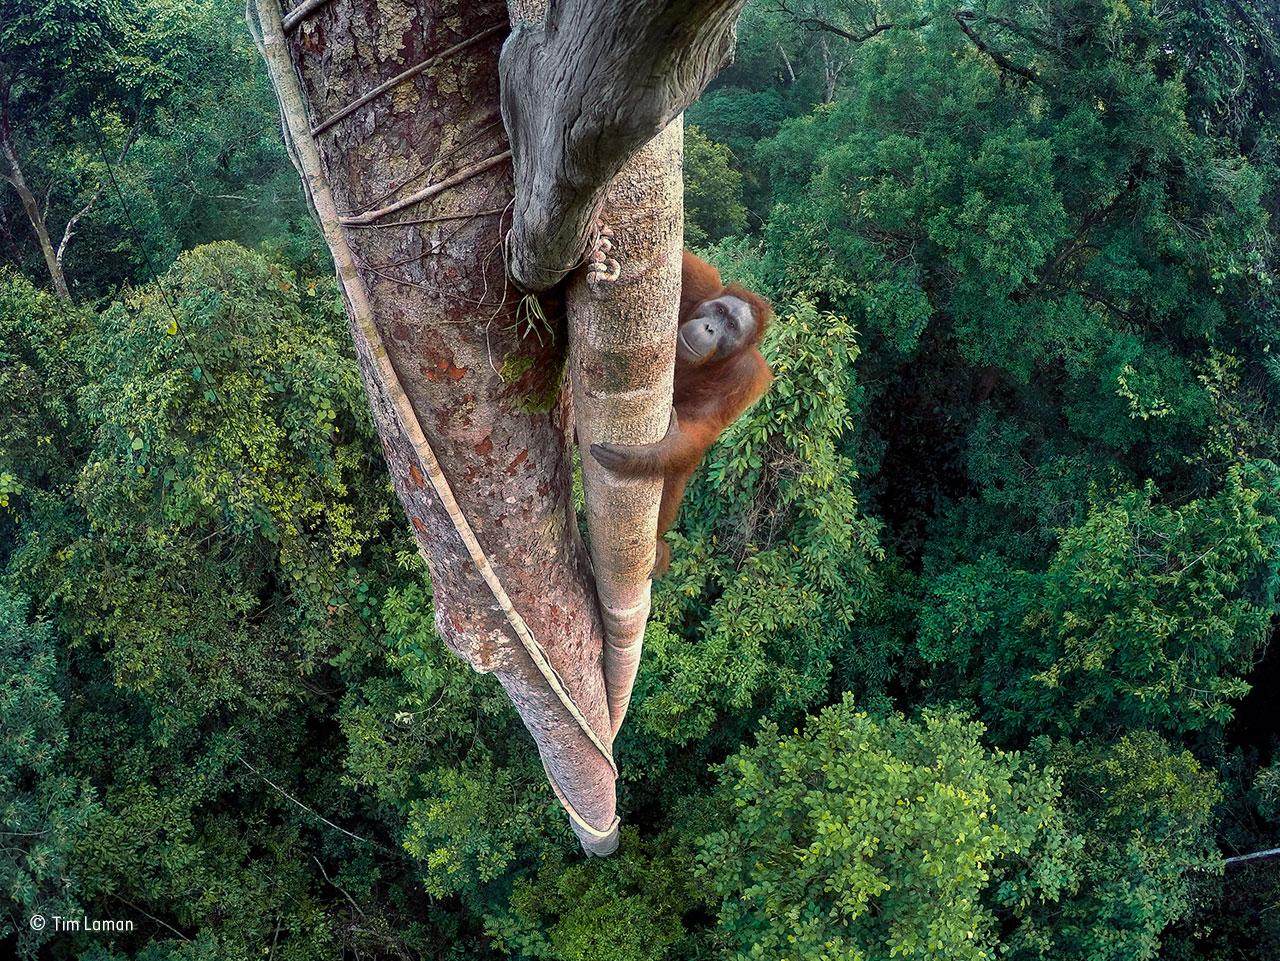 Orangotango-de-bornéu numa floresta da Indonésia (Vencedor do Ano)